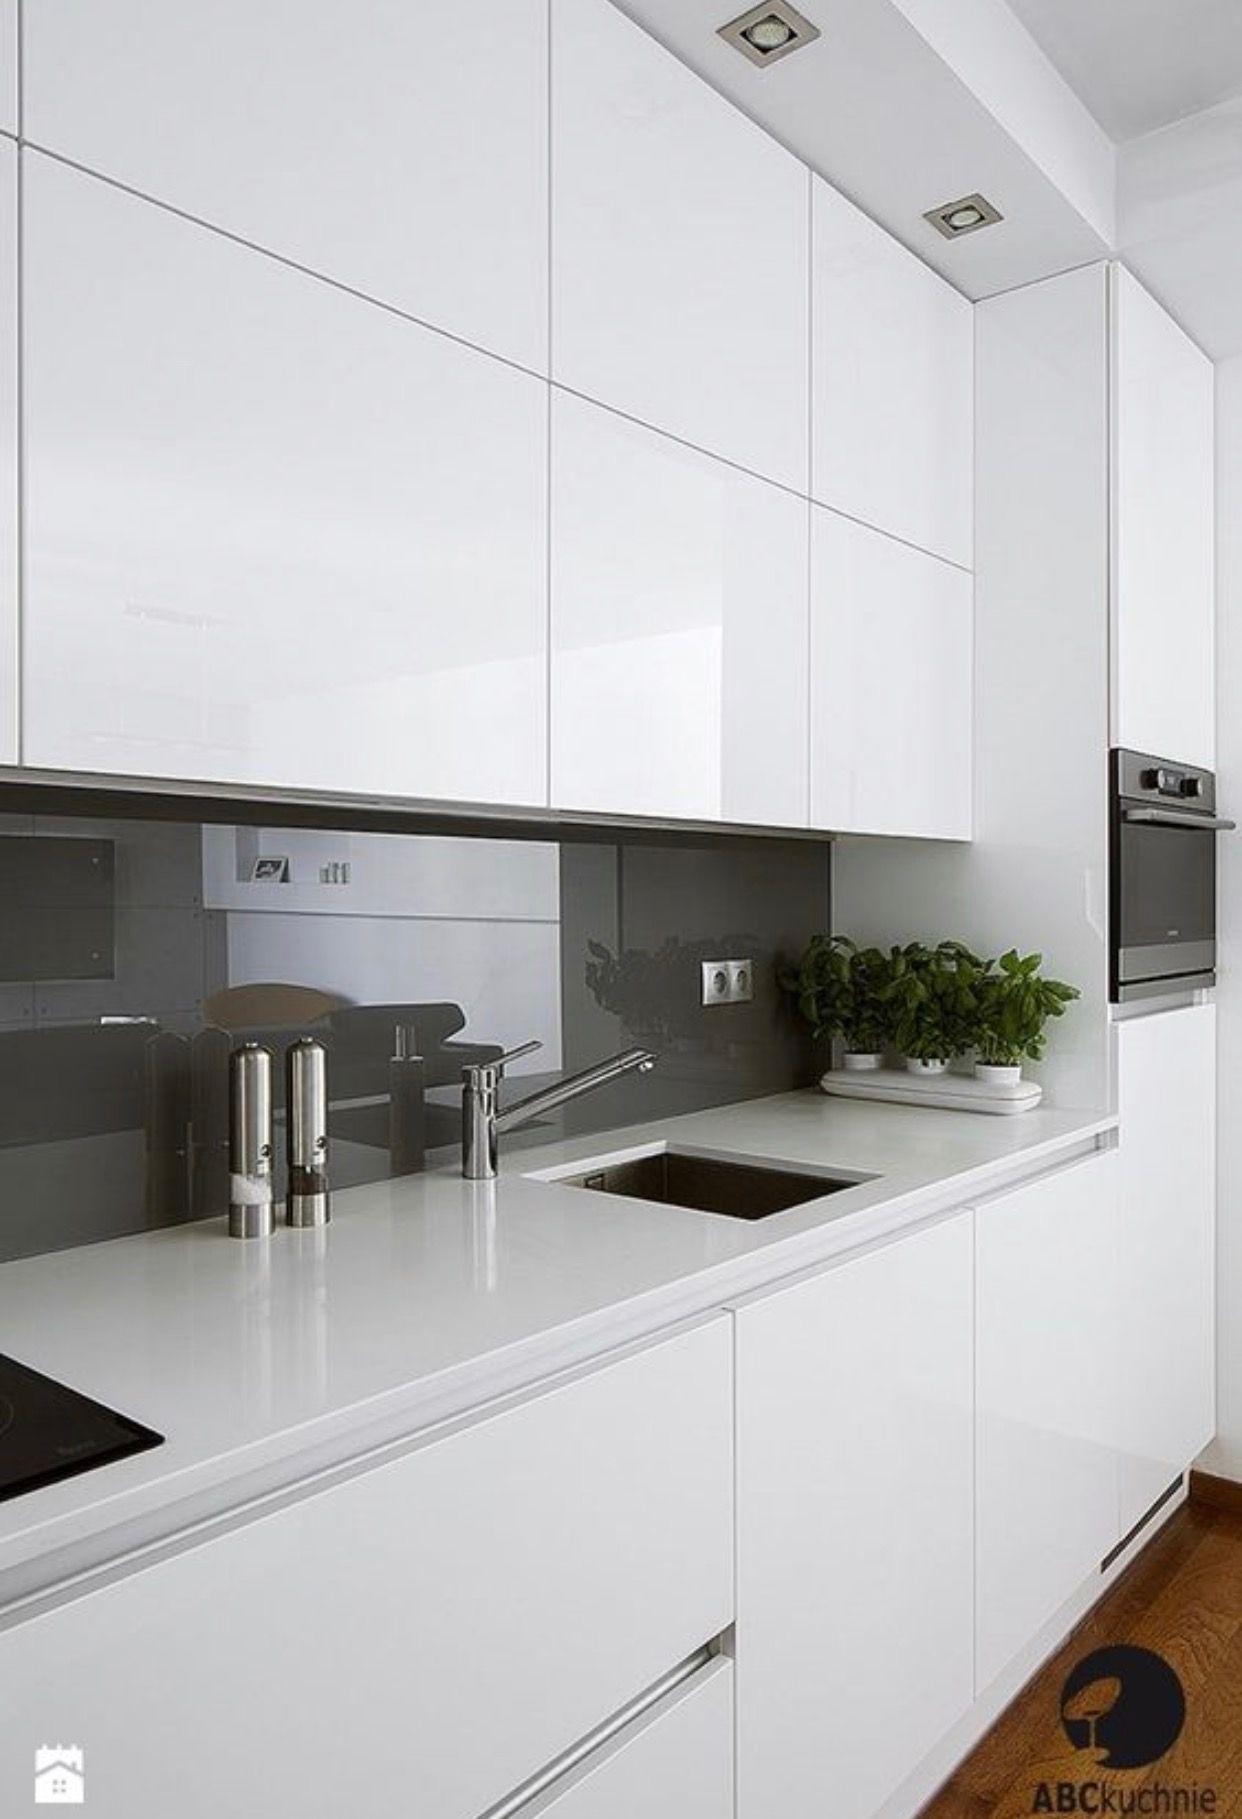 Muebles cocina | Casa | Pinterest | Cocinas, Cocina moderna y Moderno